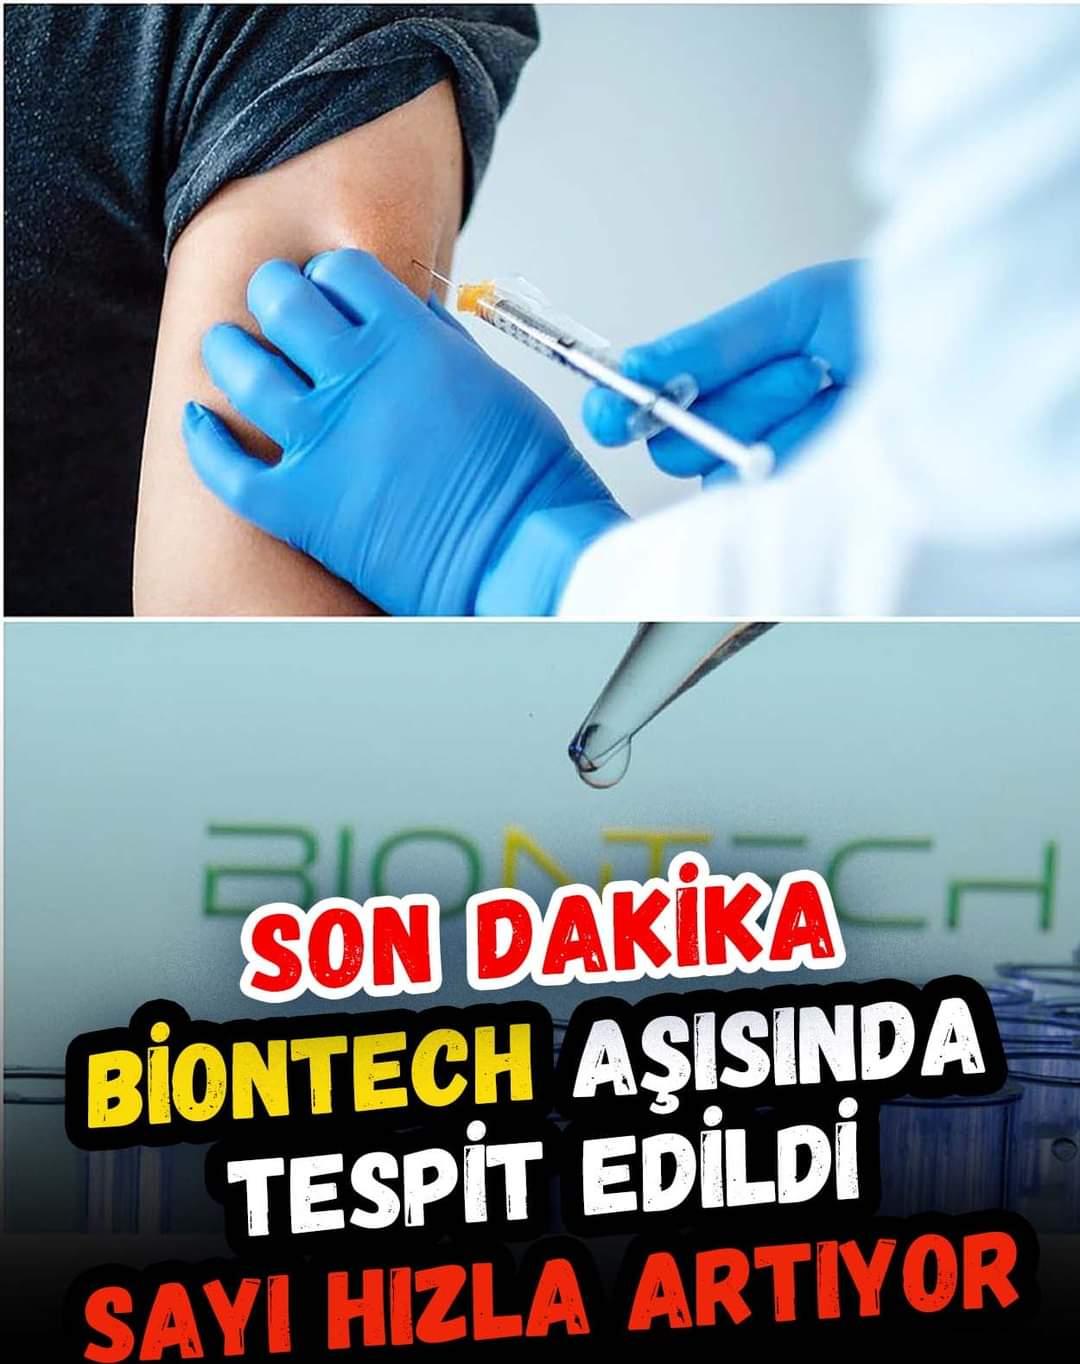 BioNTech aşısında tespit edildi! Sayı artıyor..